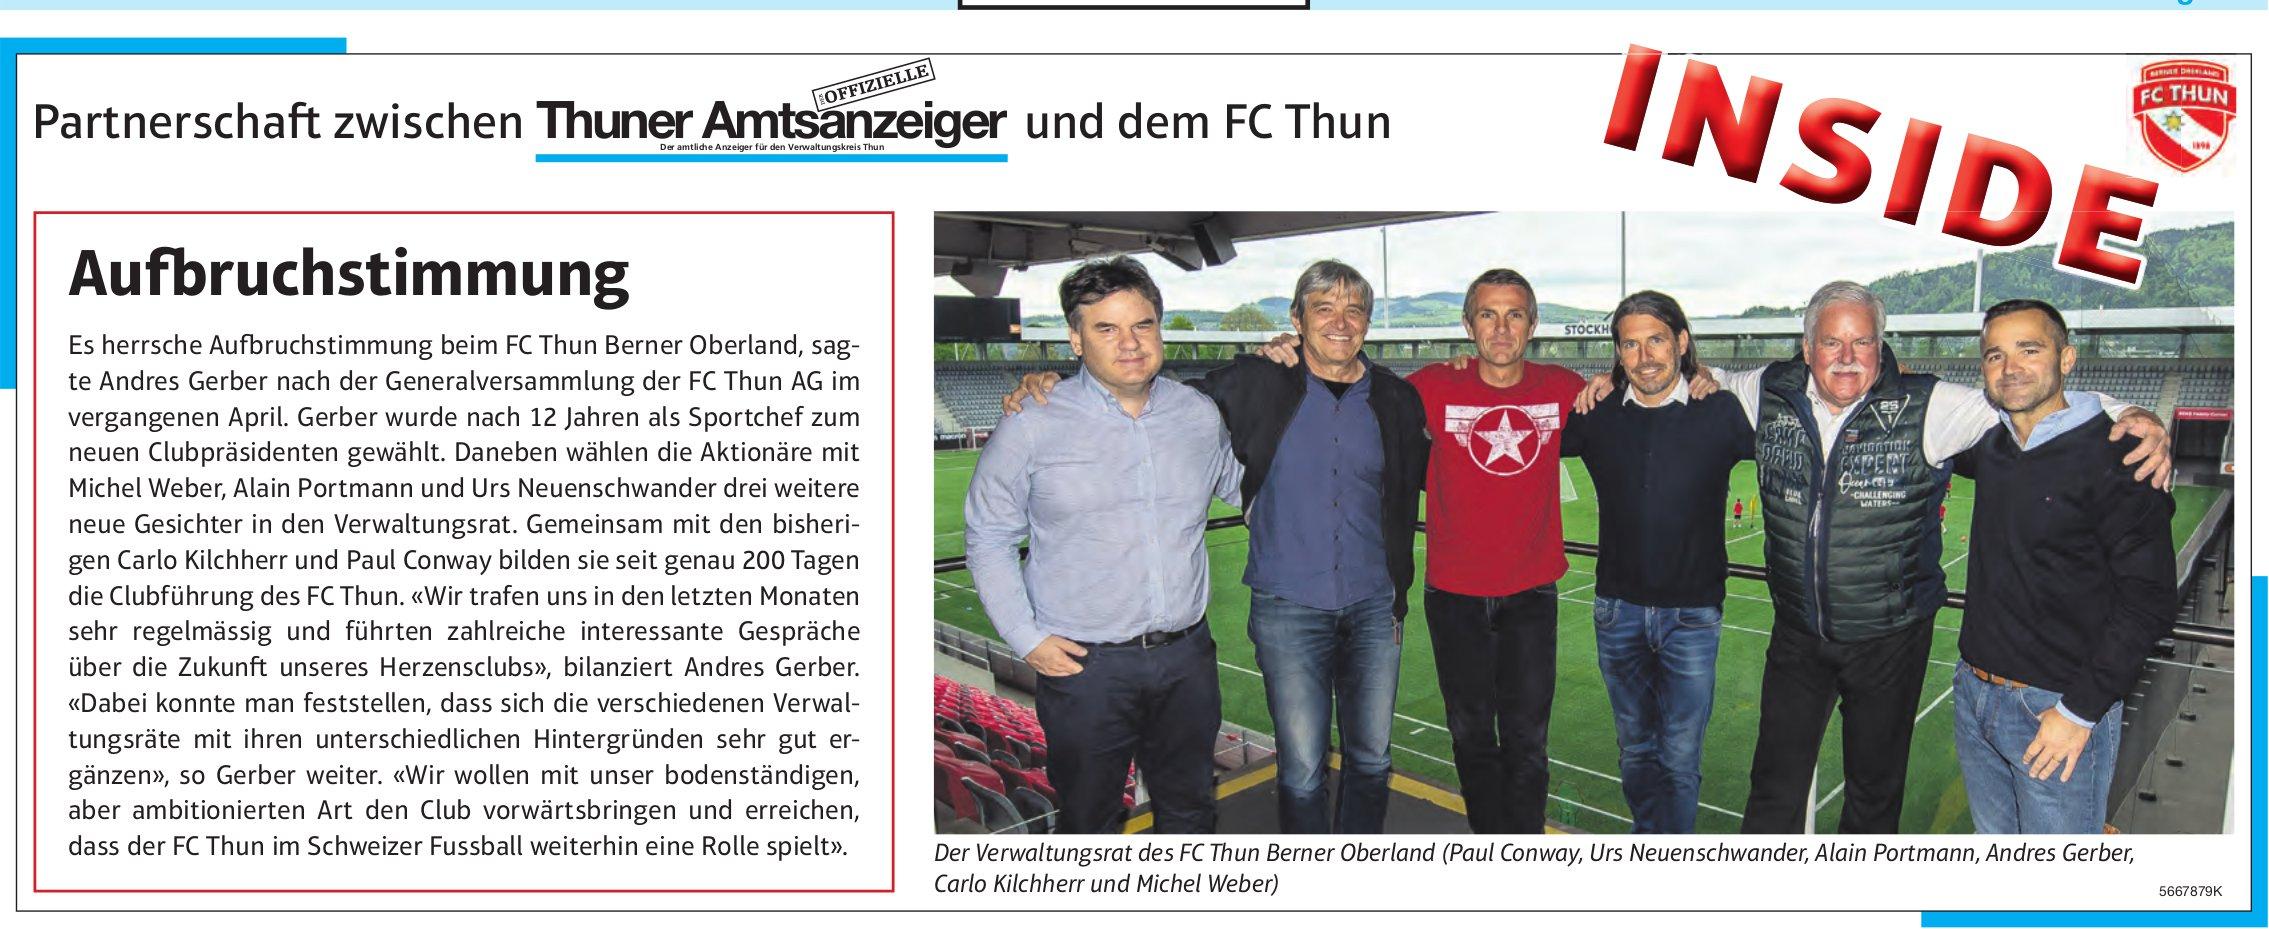 Thuner Amtsanzeiger / FC Thun, Inside: Aufbruchstimmung